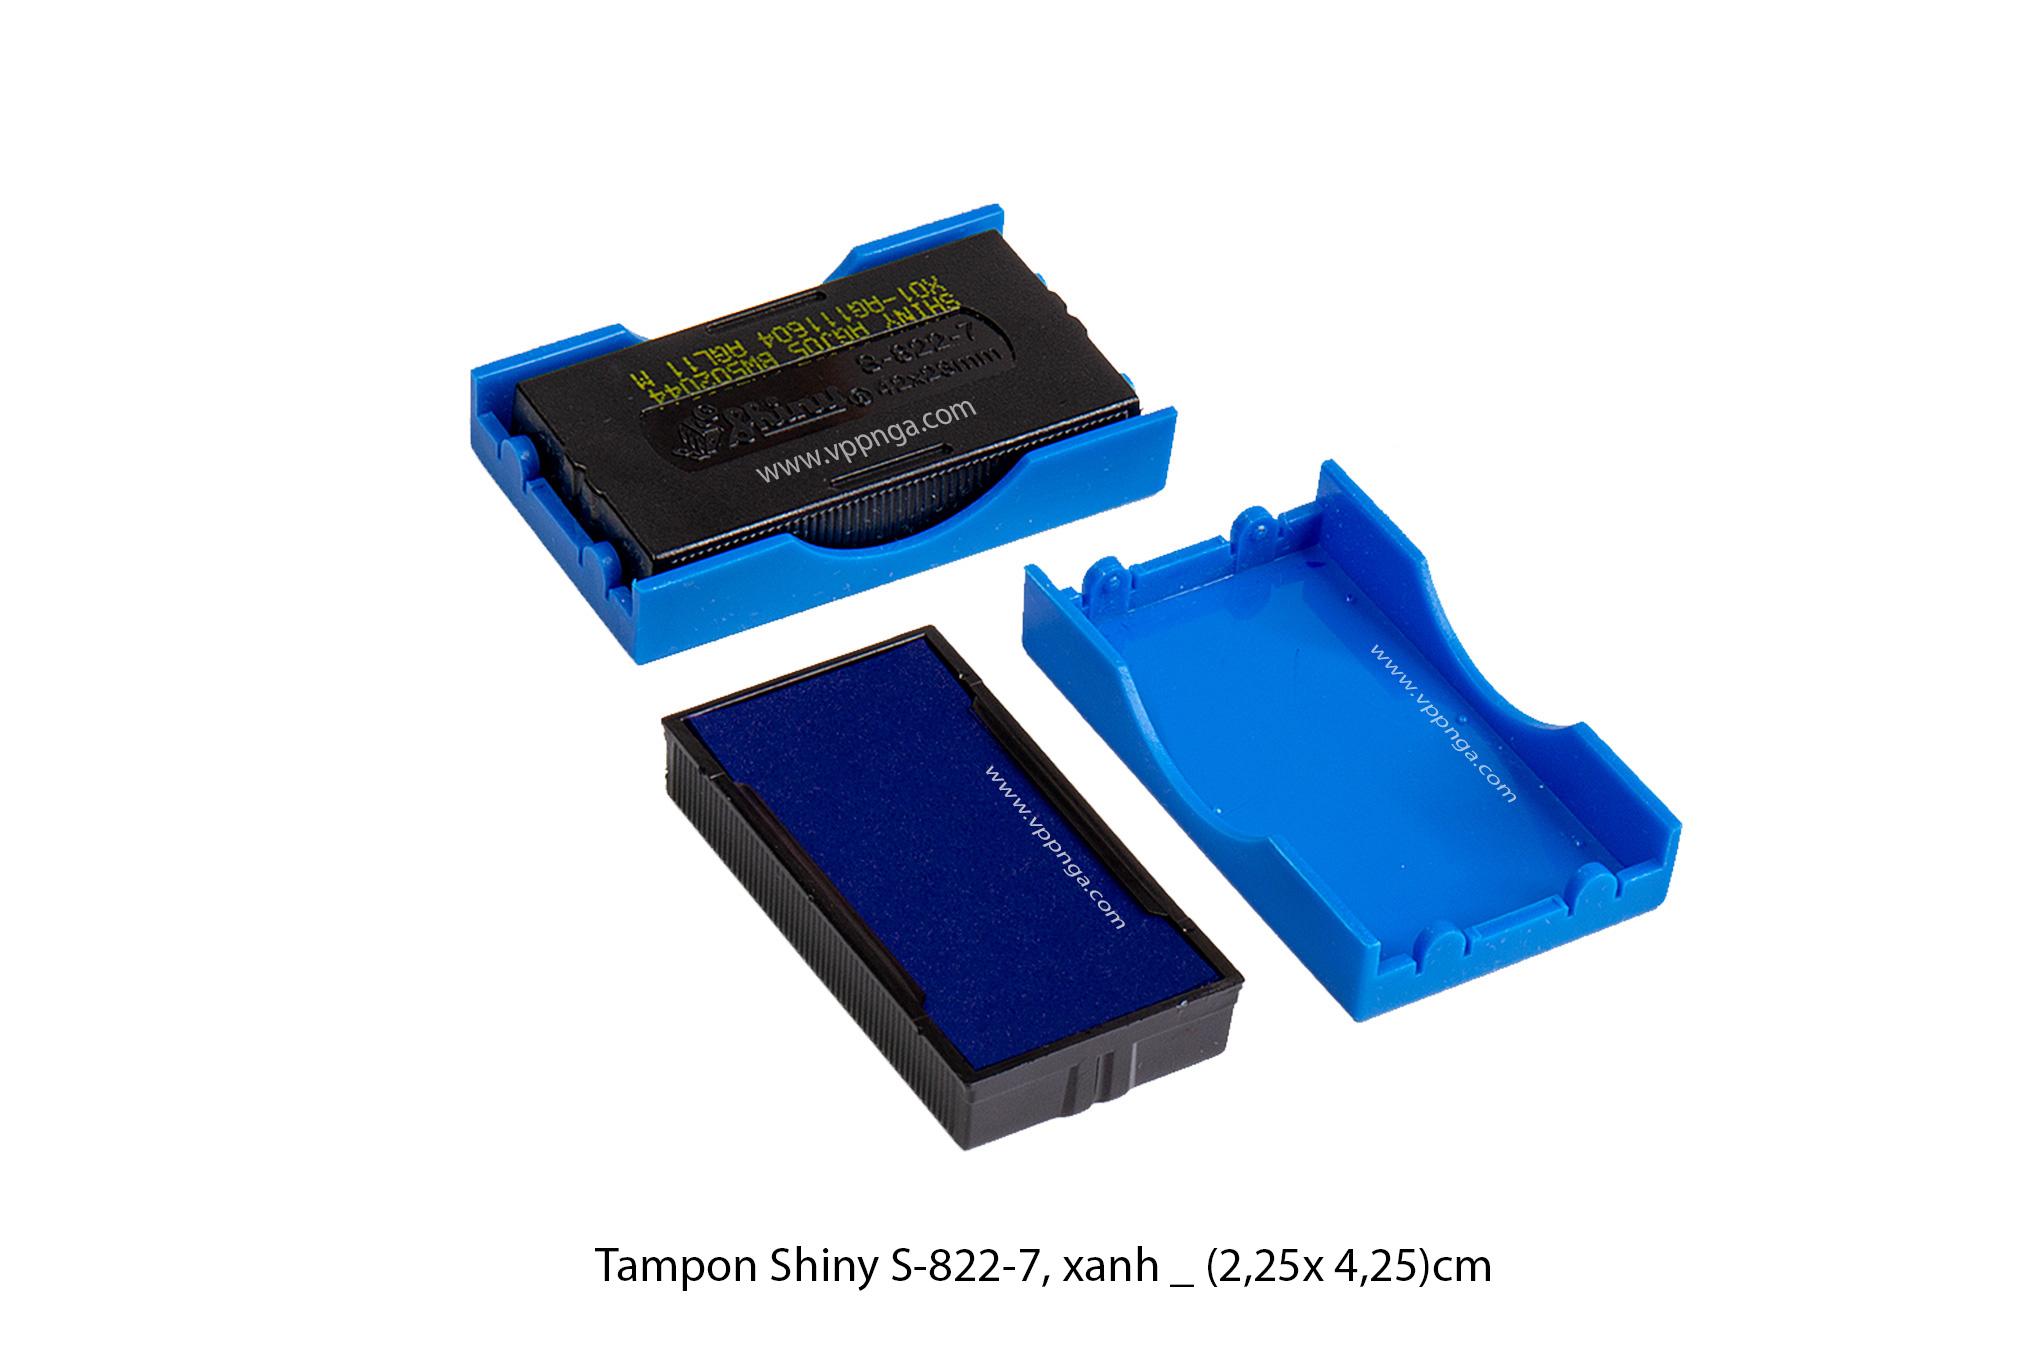 Tampon Shiny S822 - 7 Xanh